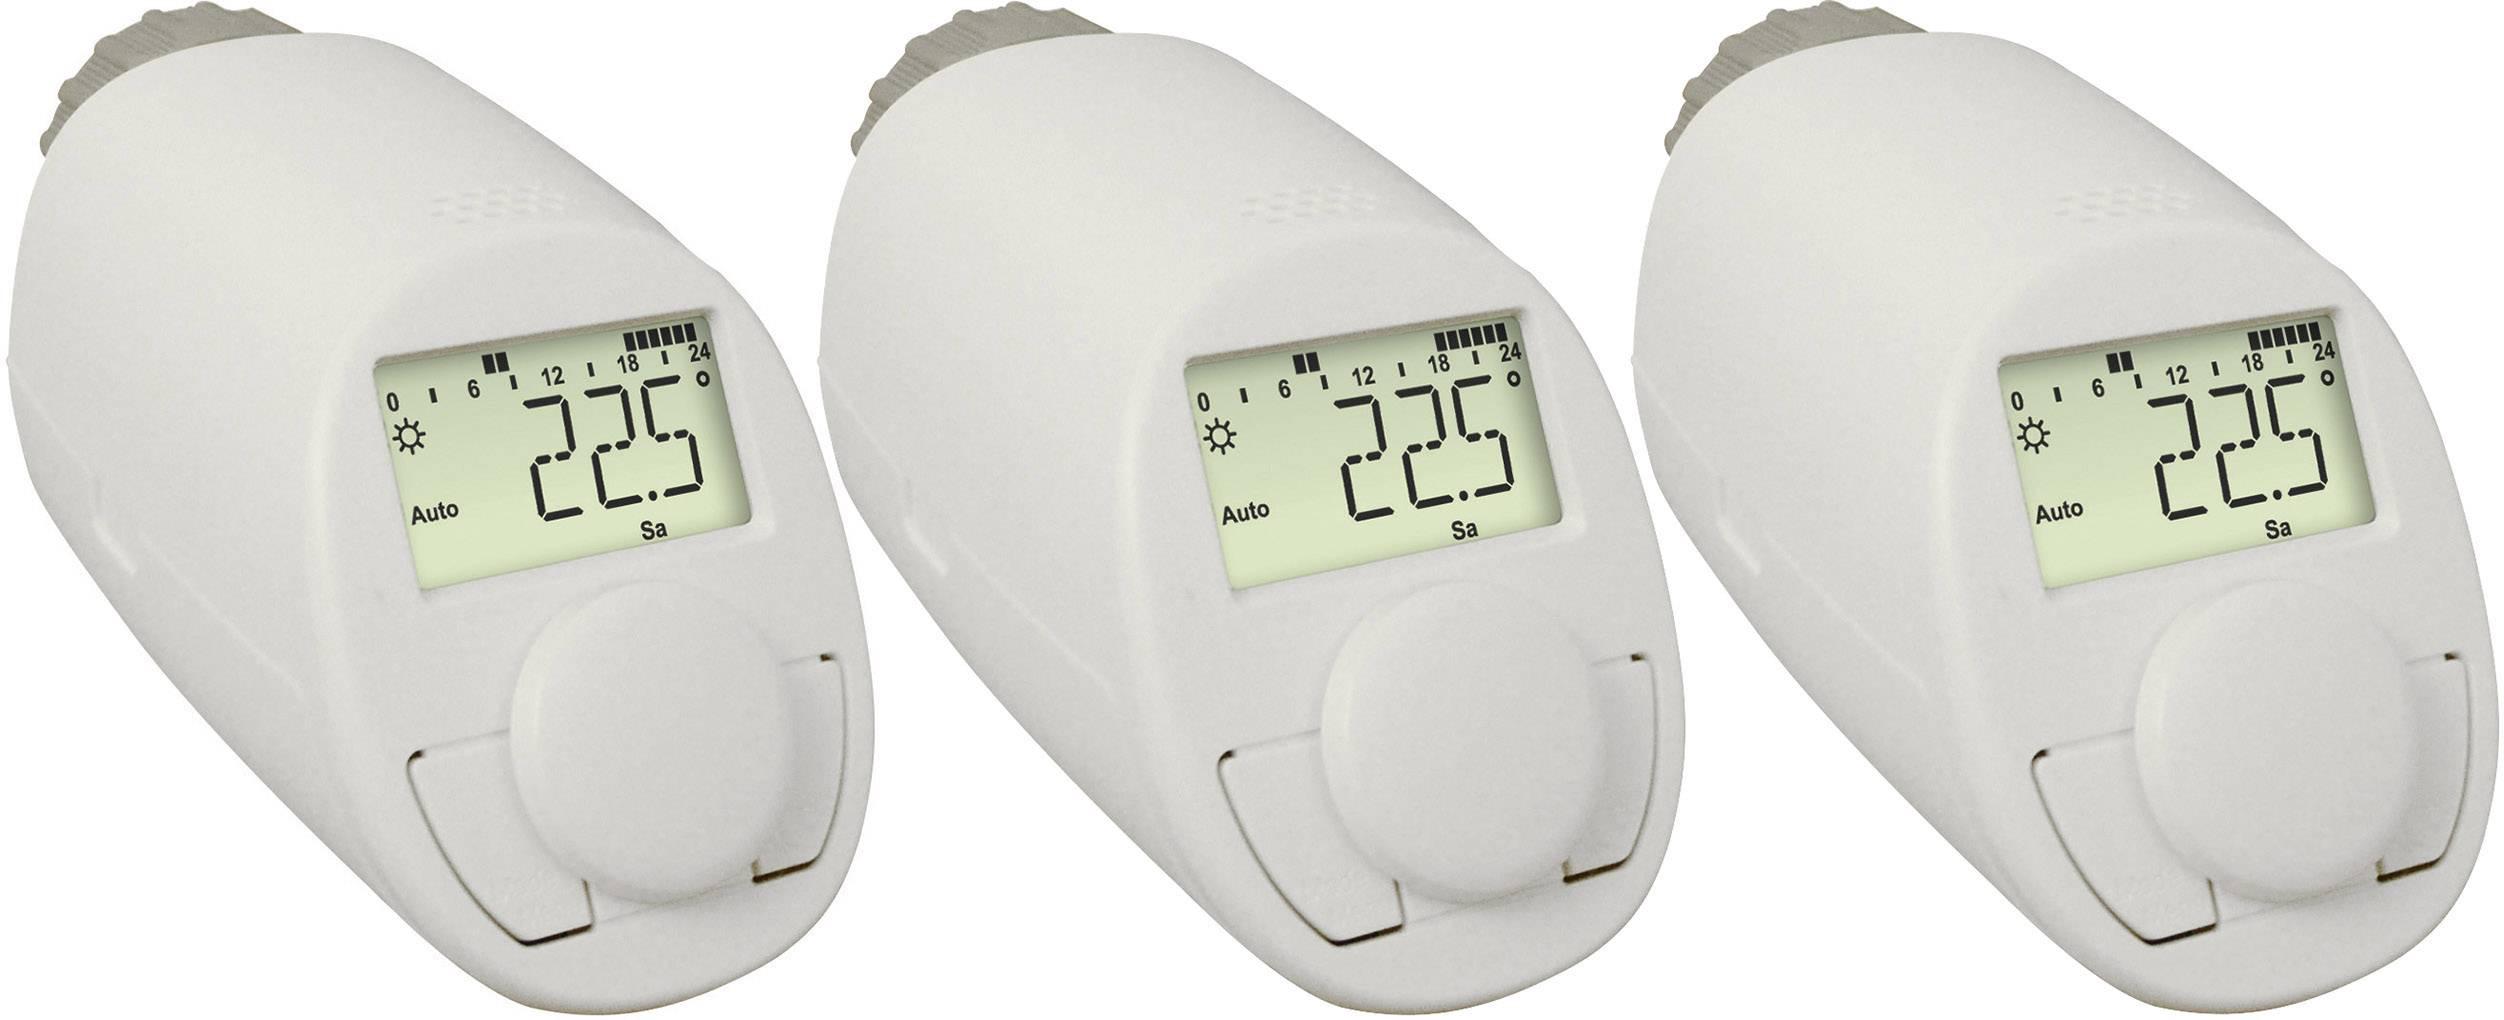 Programovateľná termostatická hlavica eQ-3 N, 5 až 29,5 ° C, sada 3 ks